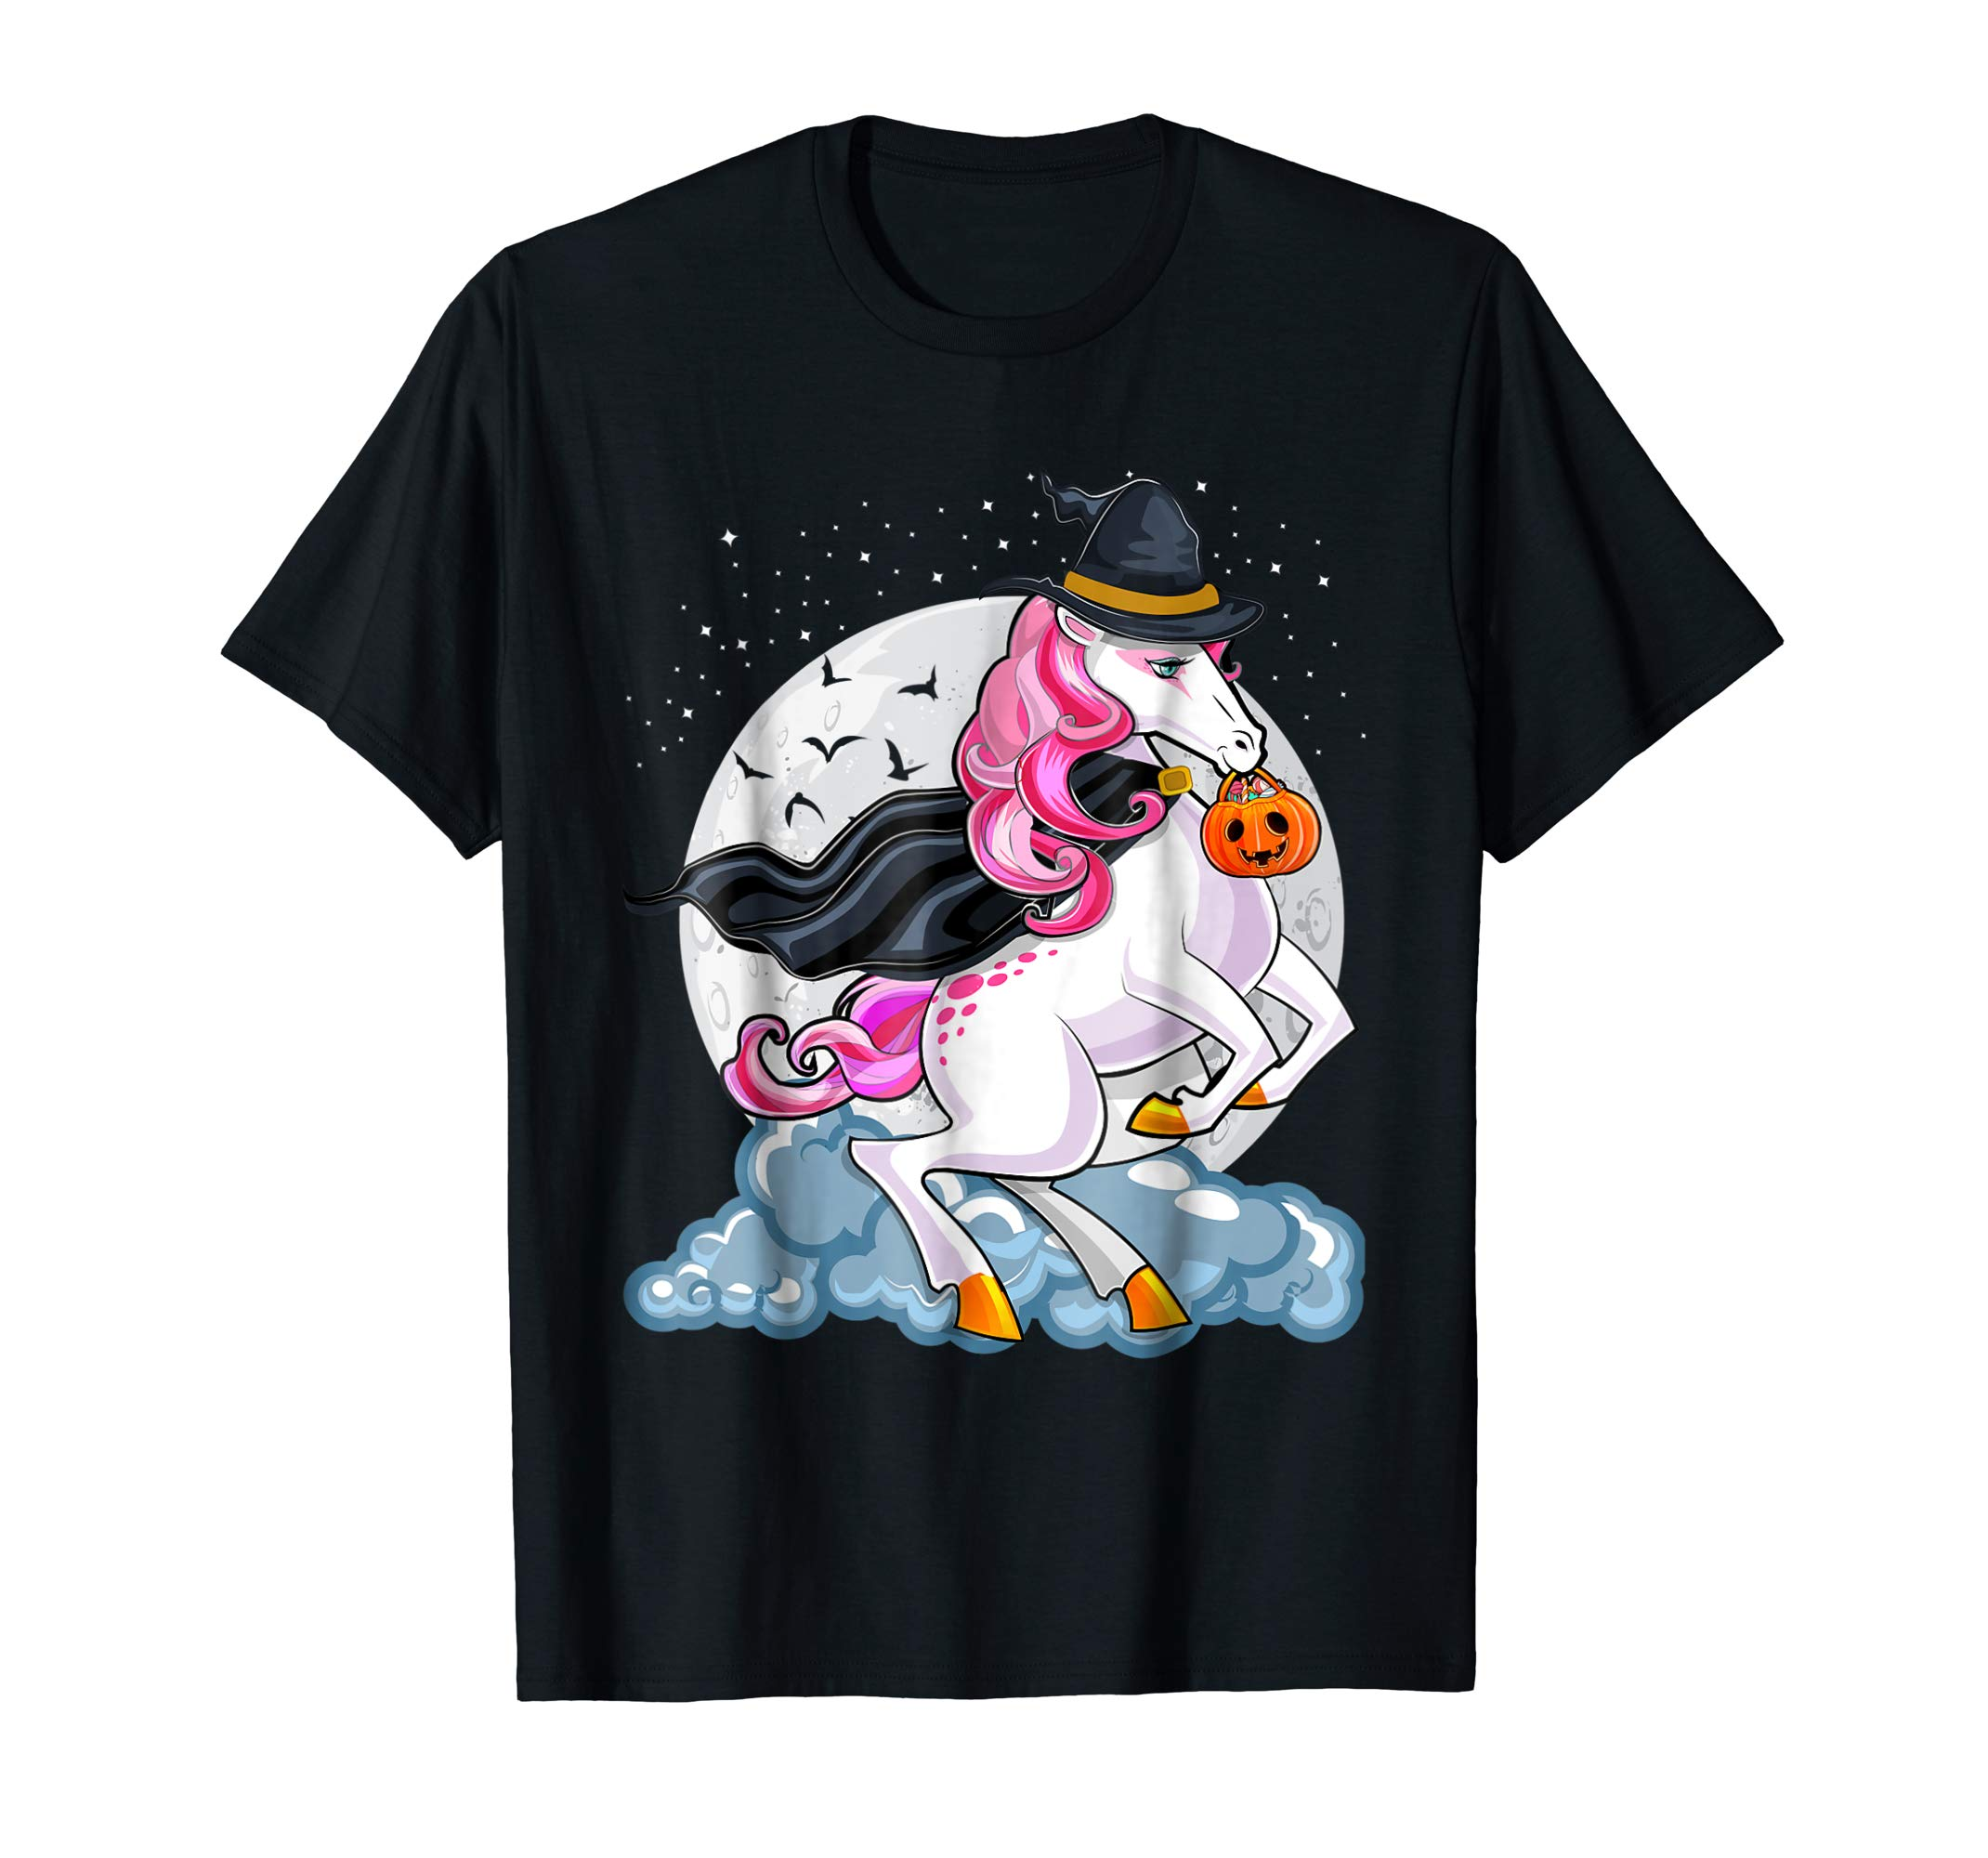 Unicorn Zombie Costume Shirt Unicorn Halloween Costume Gift